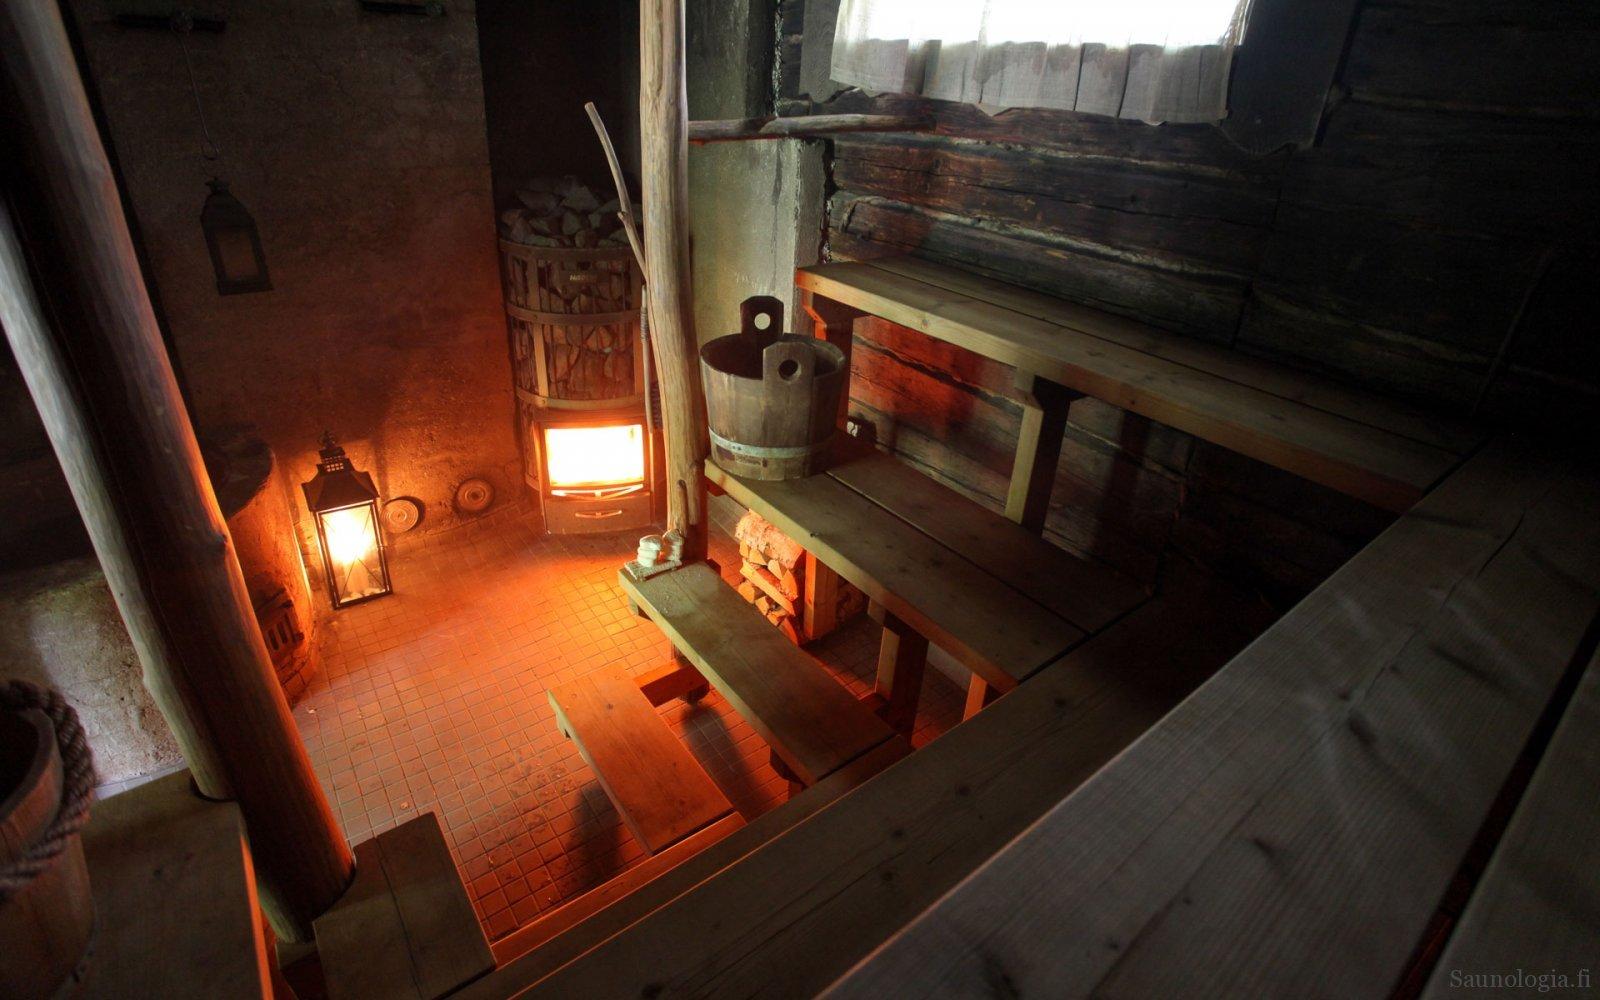 171013-kaurila-sauna-yleiskuva-lauteilta-1600x1000.jpg